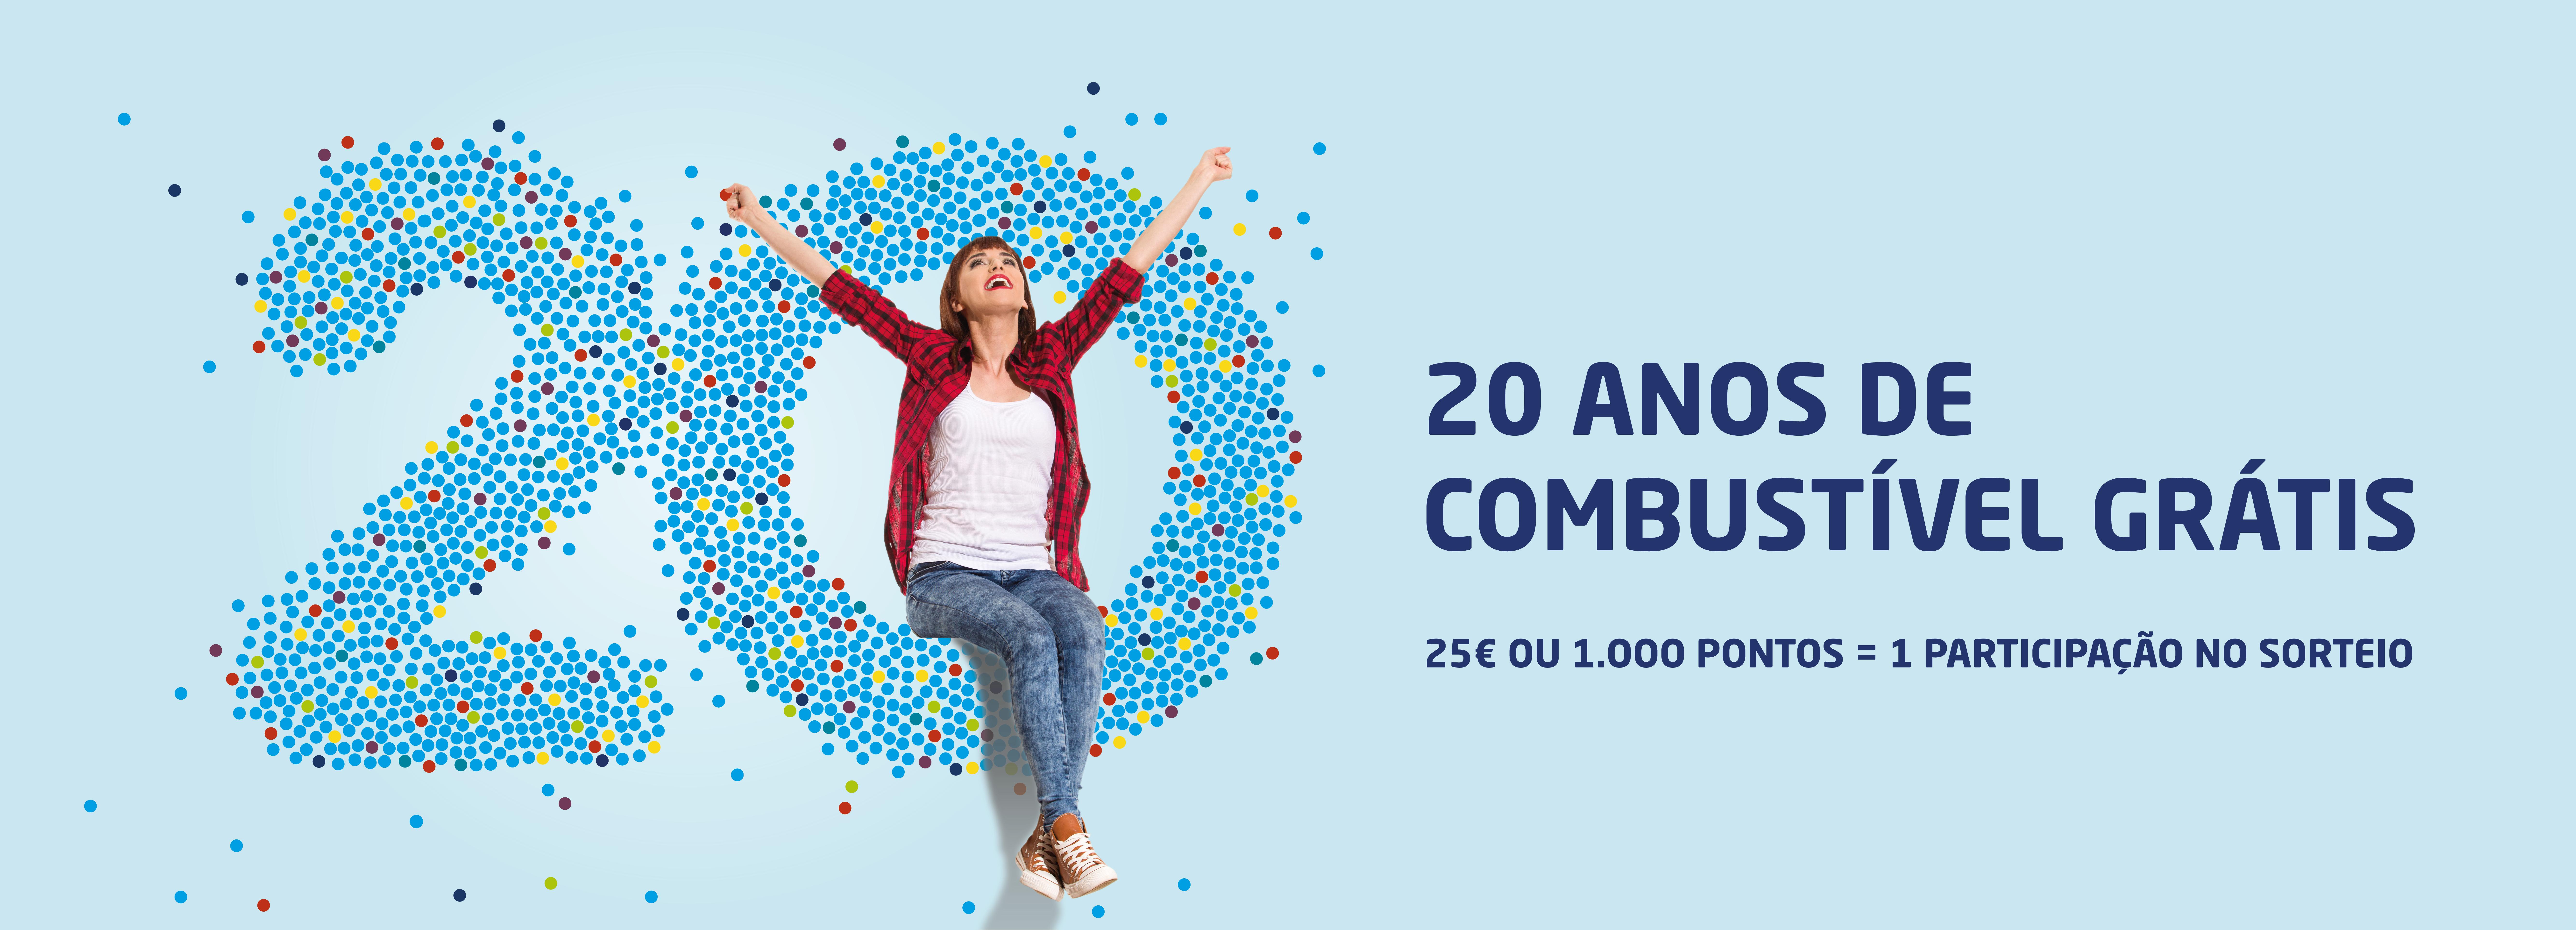 campanhas_0